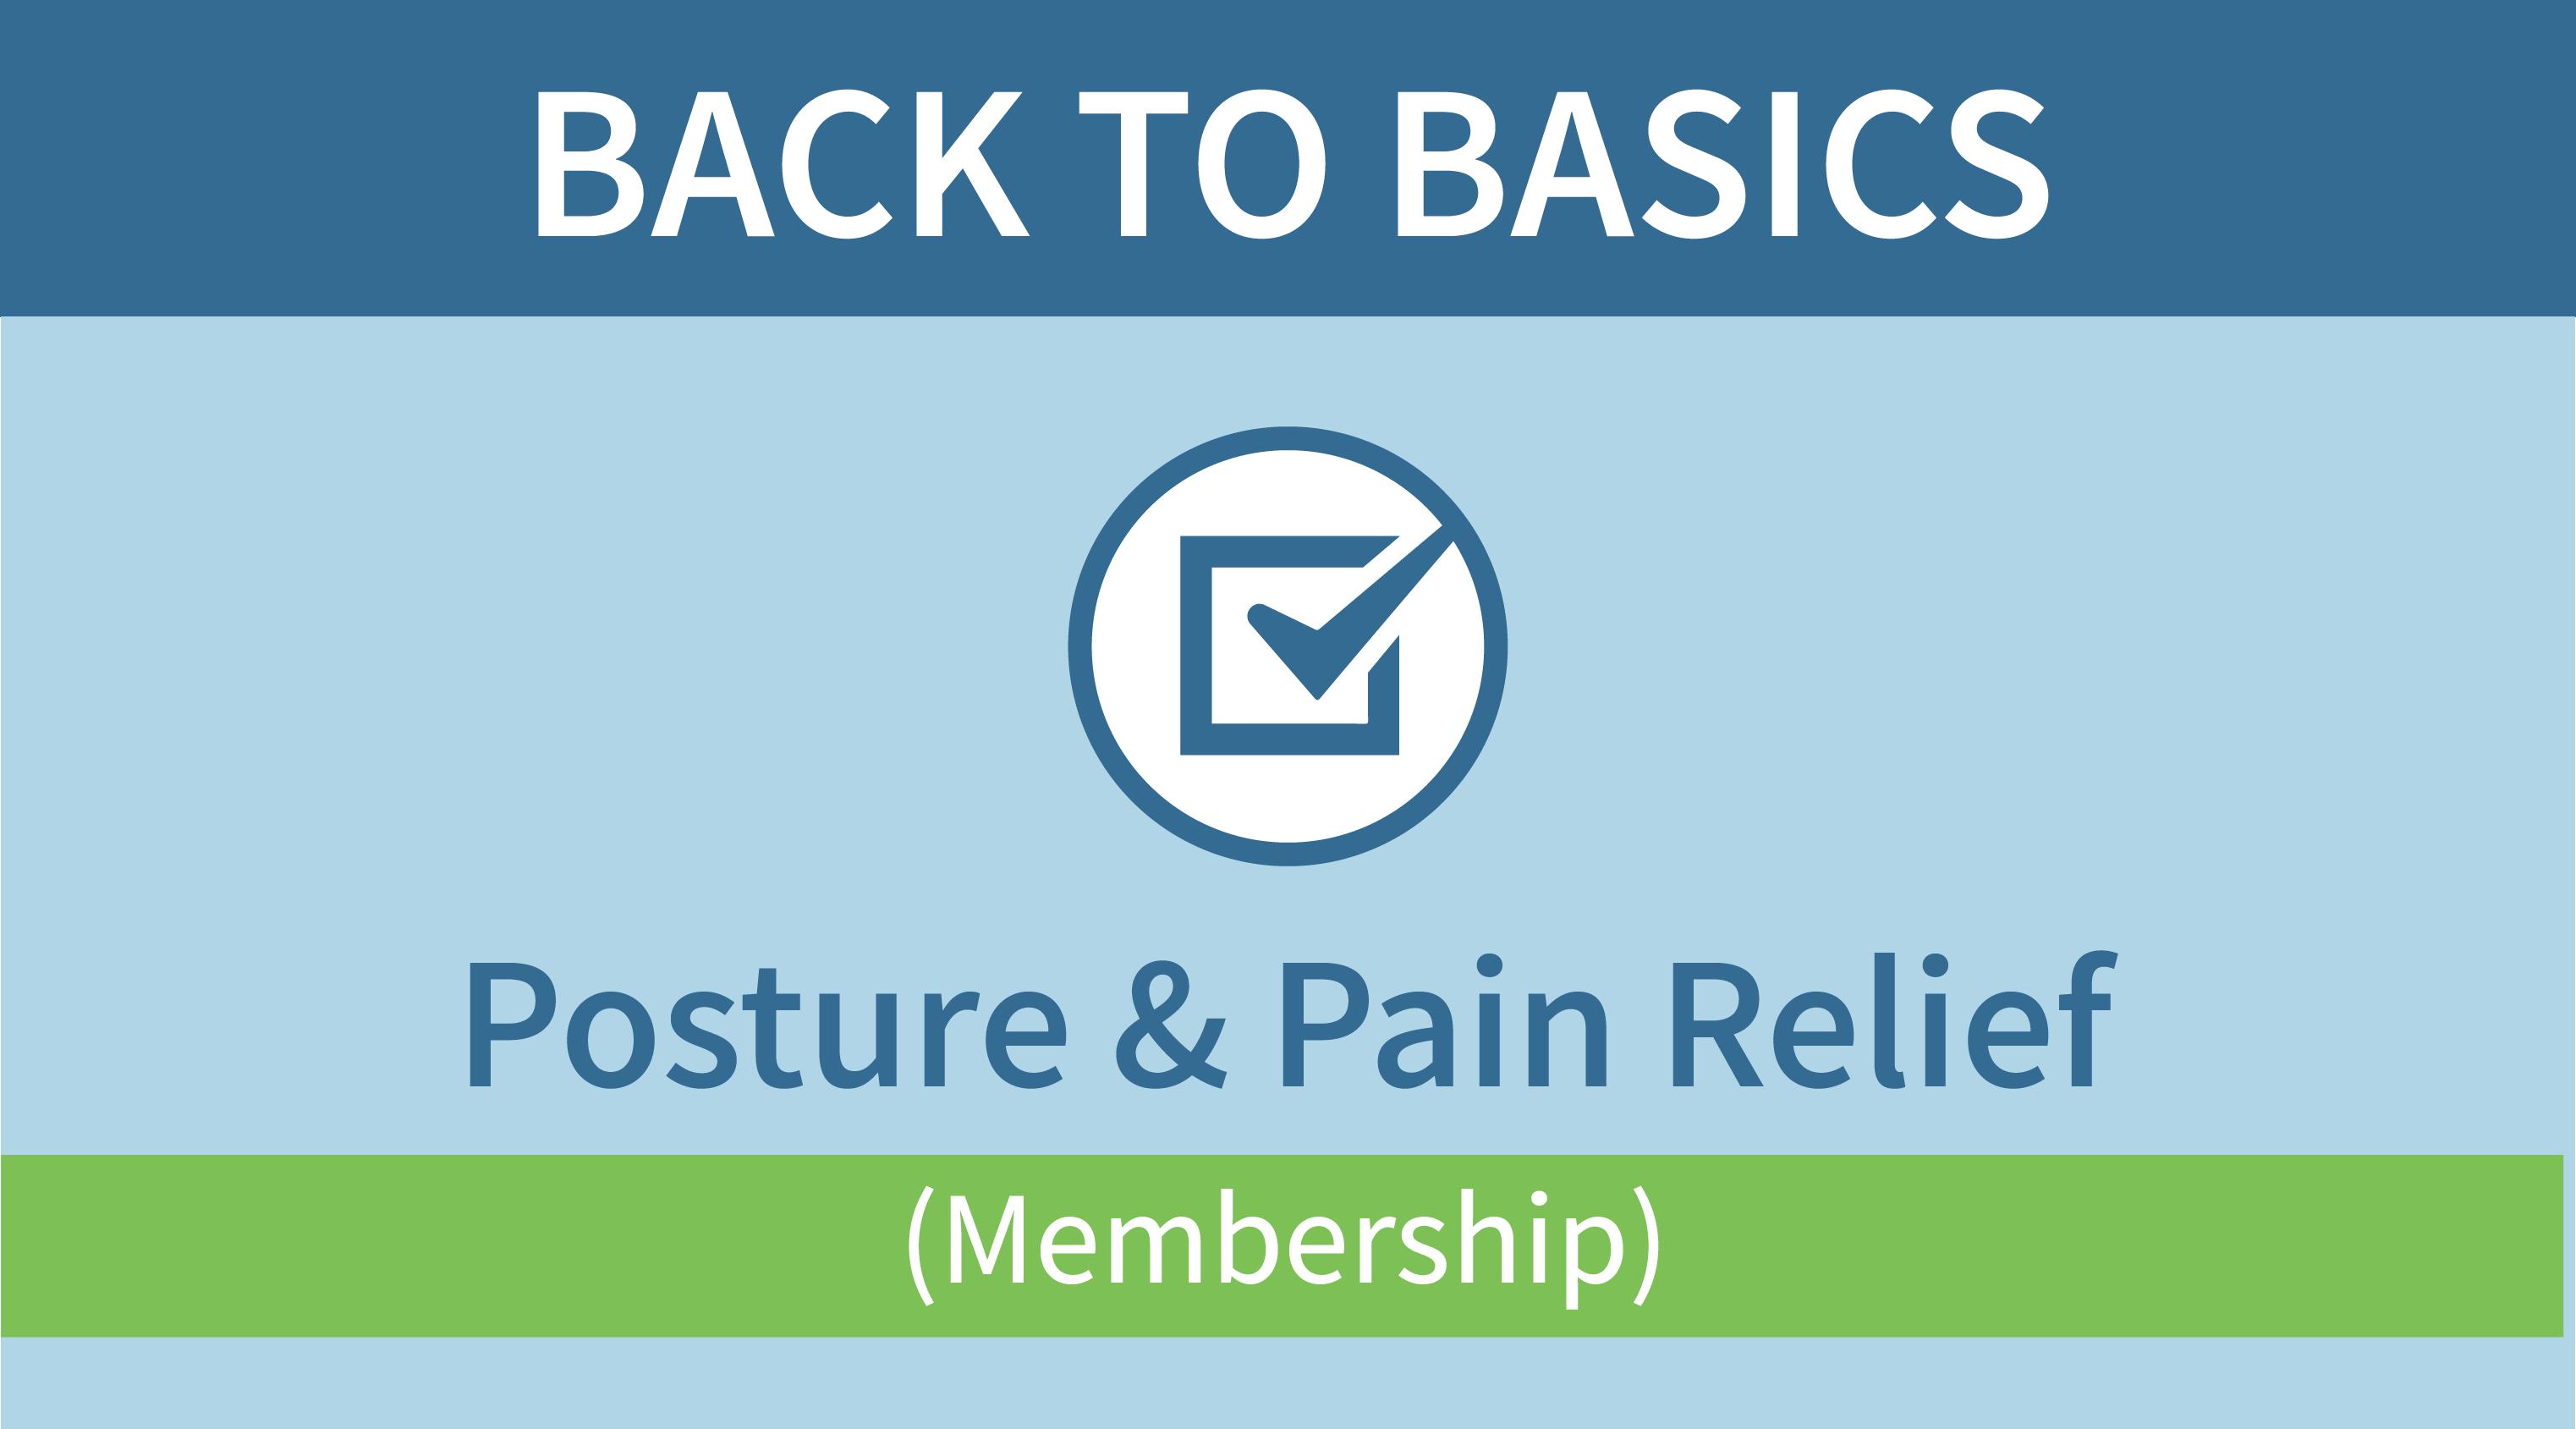 Back to Basics Membership